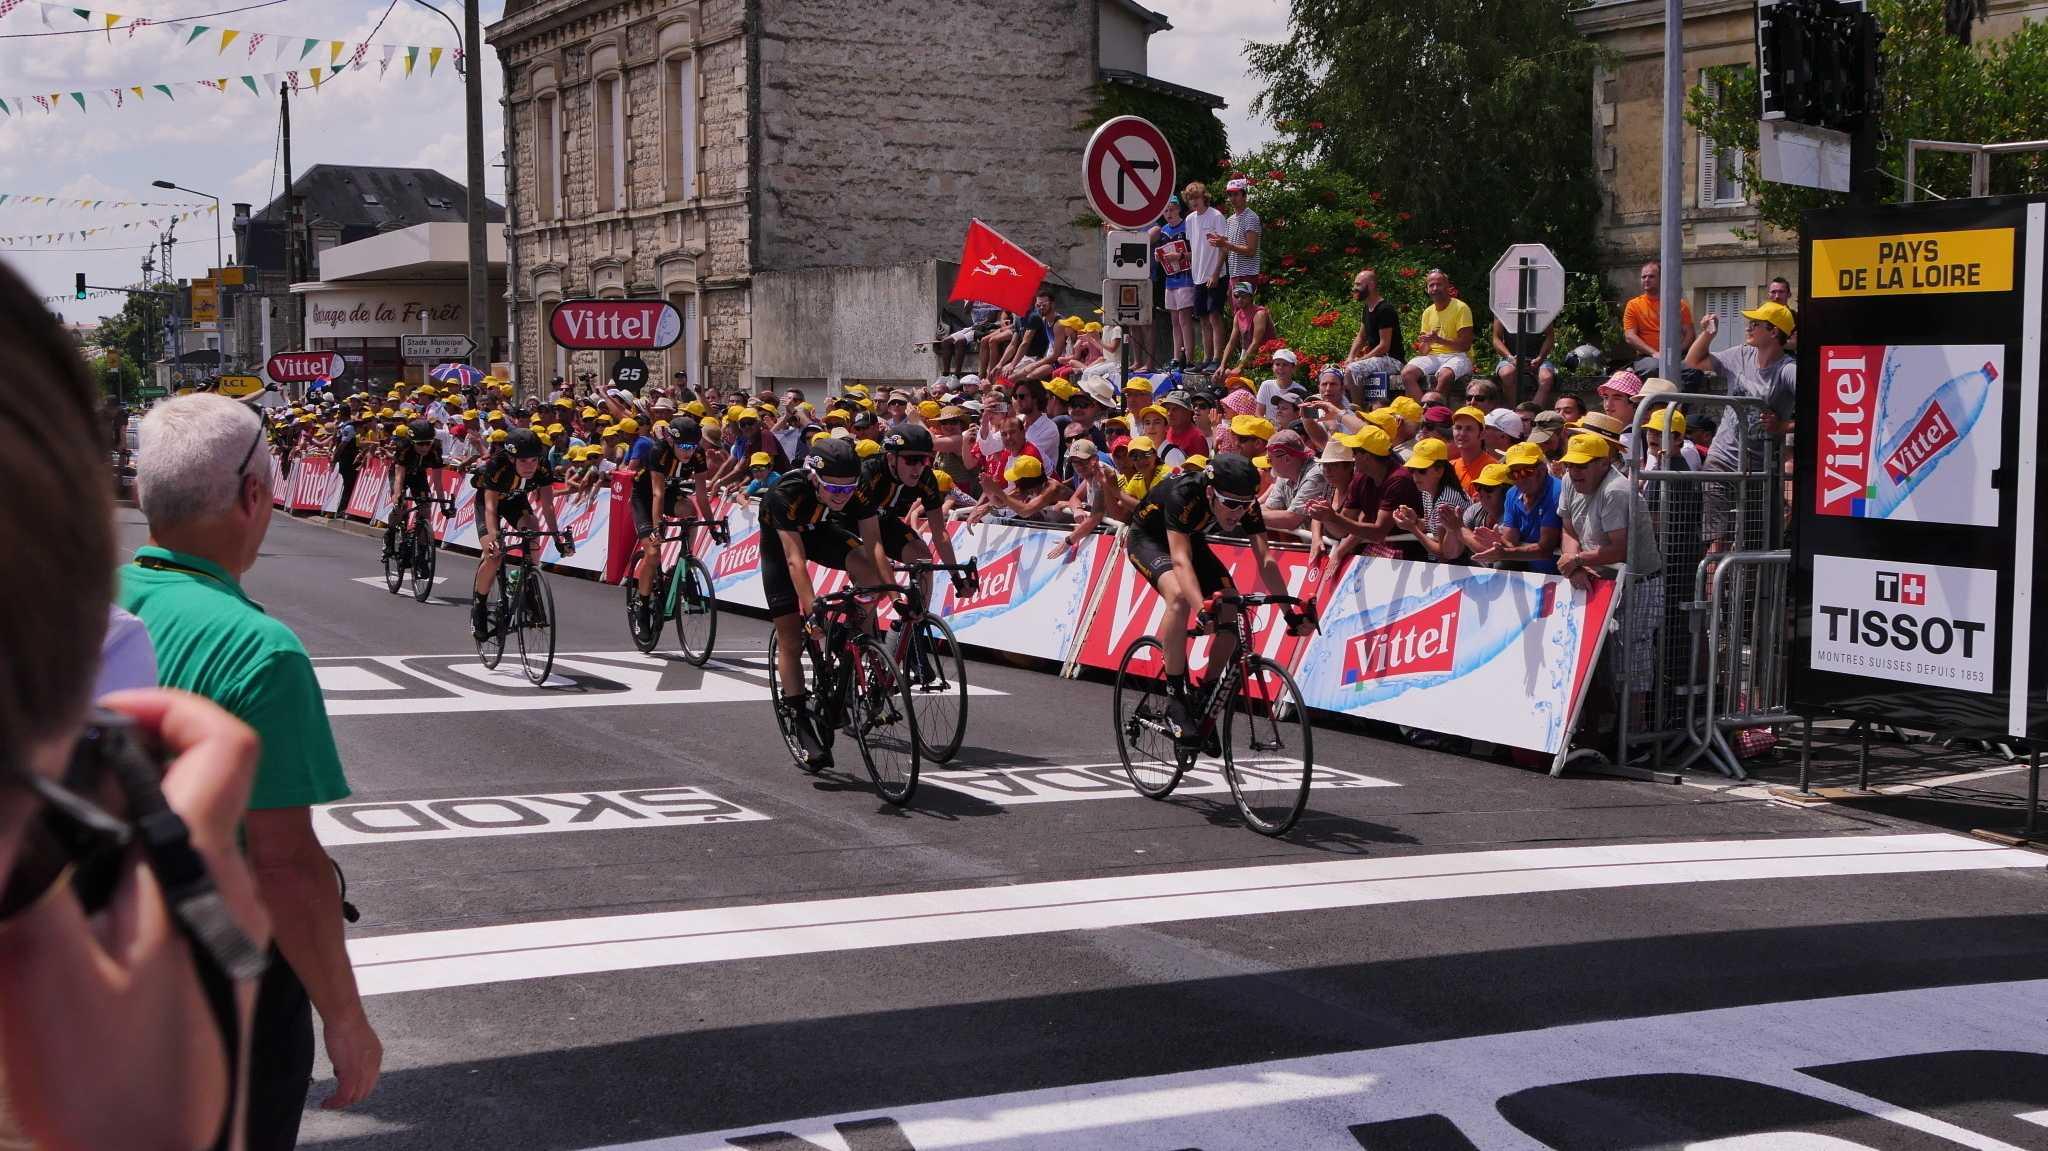 Zieleinfahrt bei der Tour de France